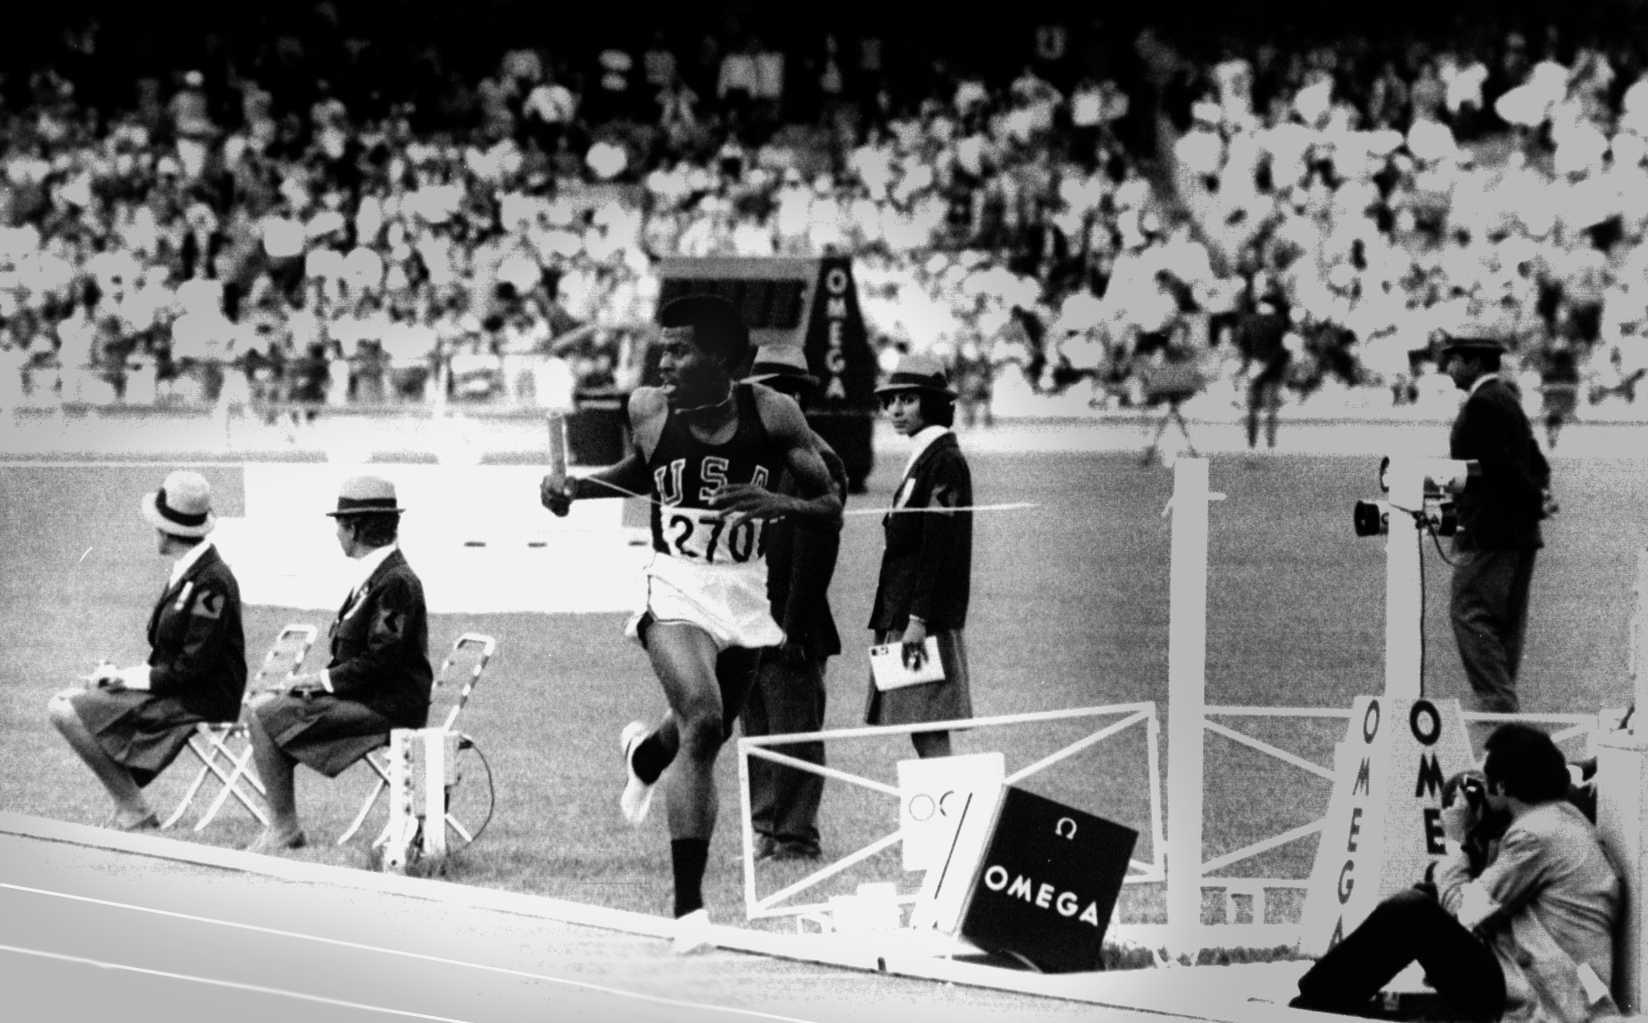 Evans, campeón olímpico de 400 metros y activista contra el racismo, muere a los 74 años